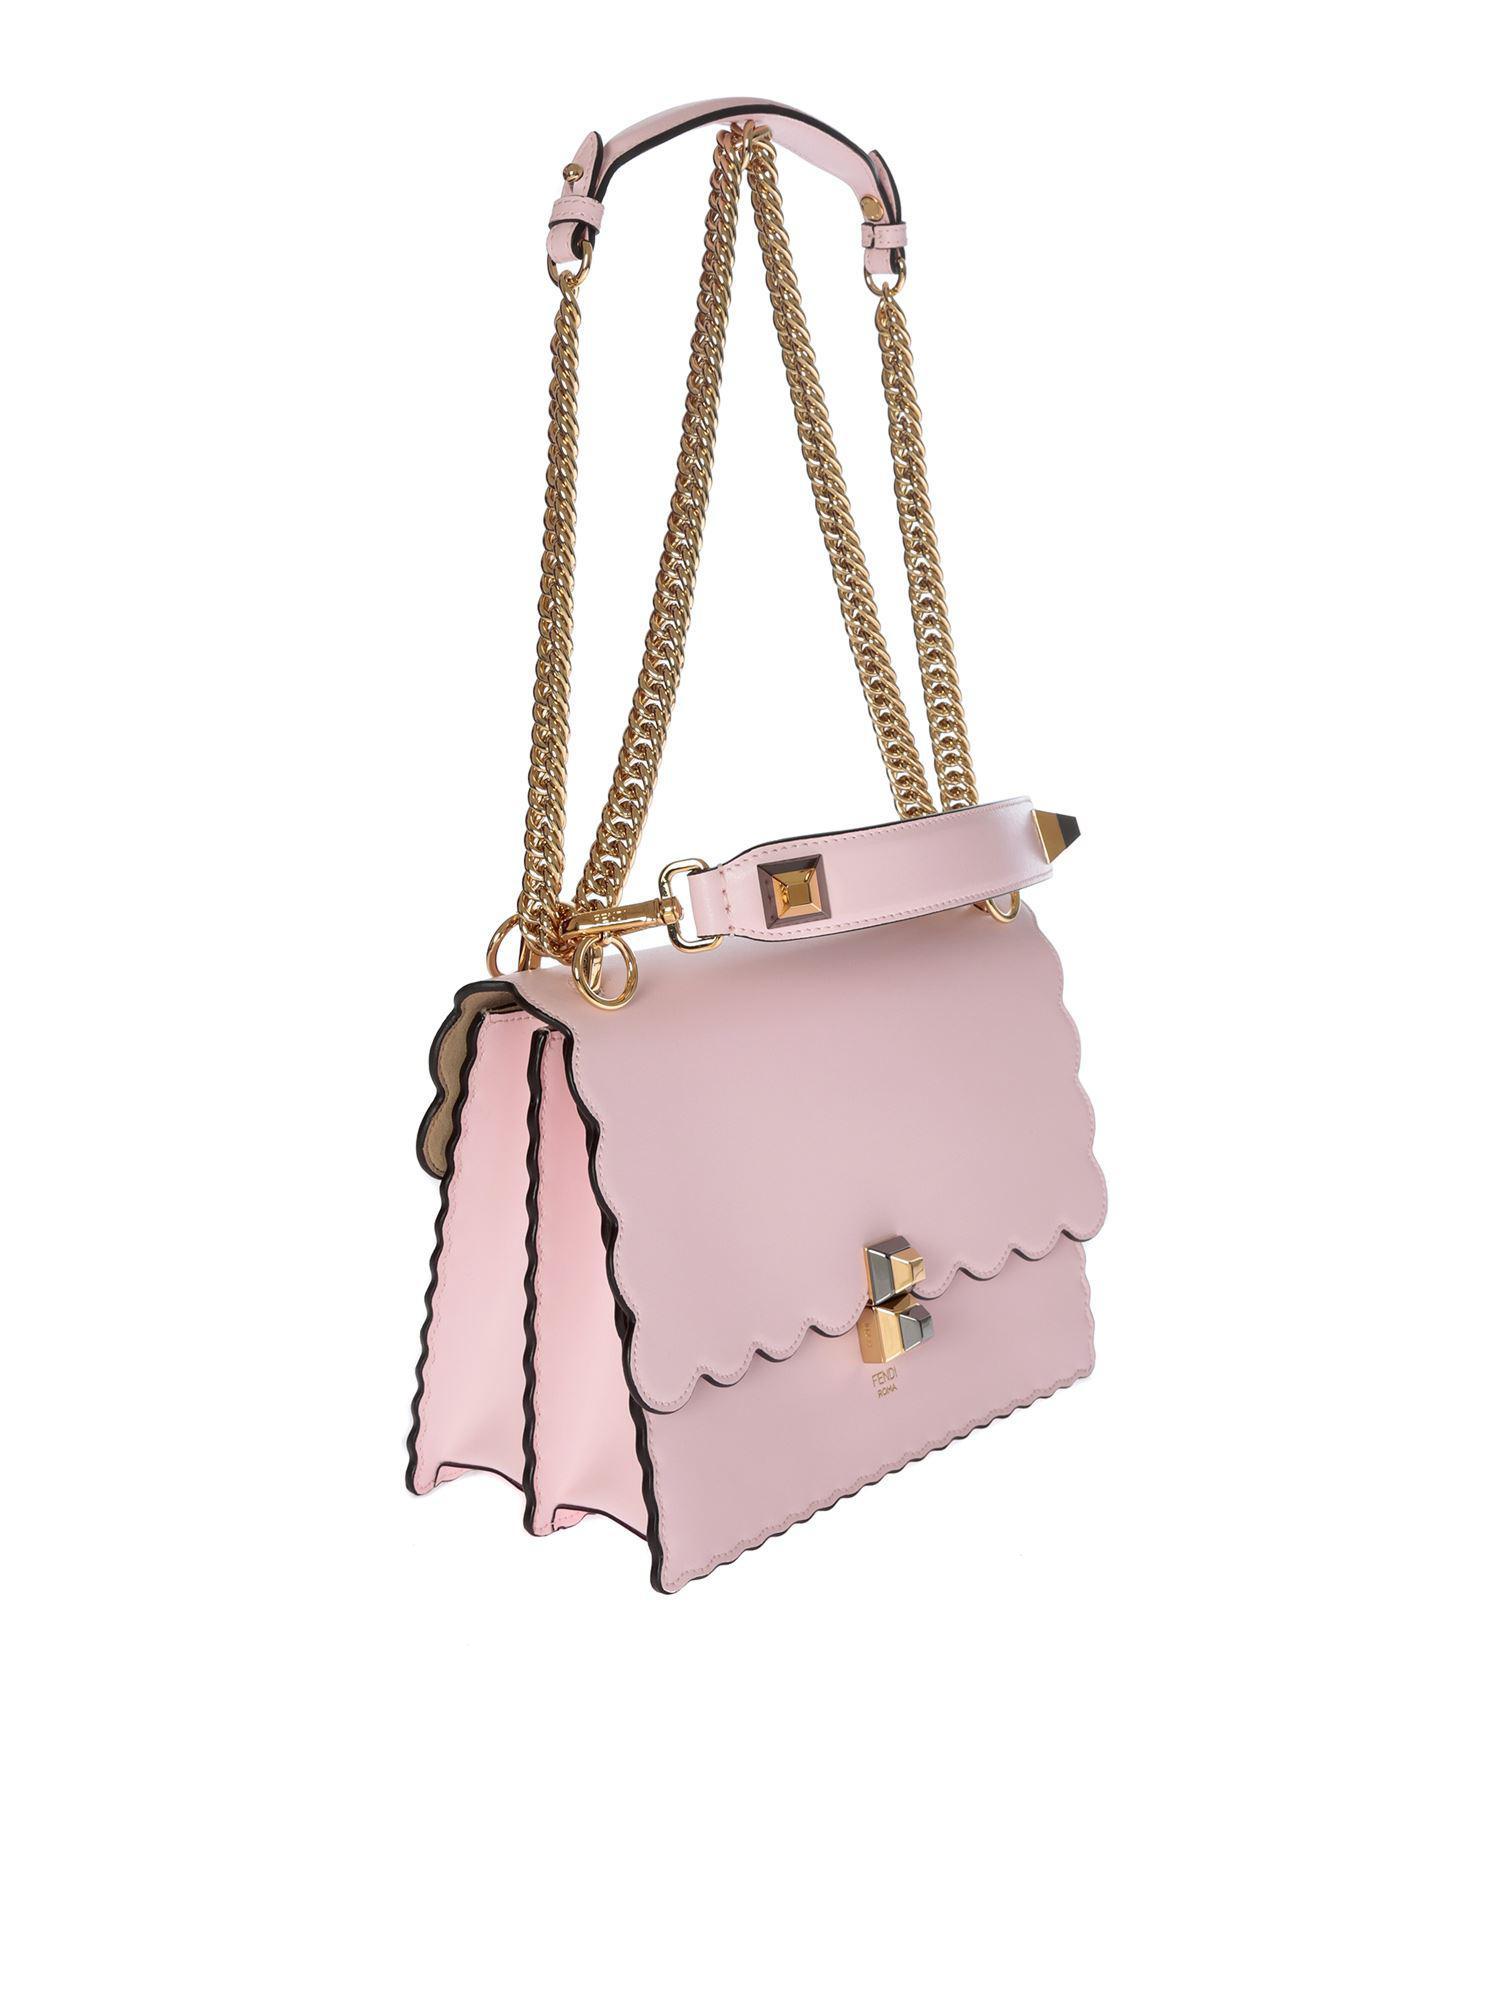 b87323916e Fendi Kan I Pink Leather Shoulder Bag in Pink - Lyst